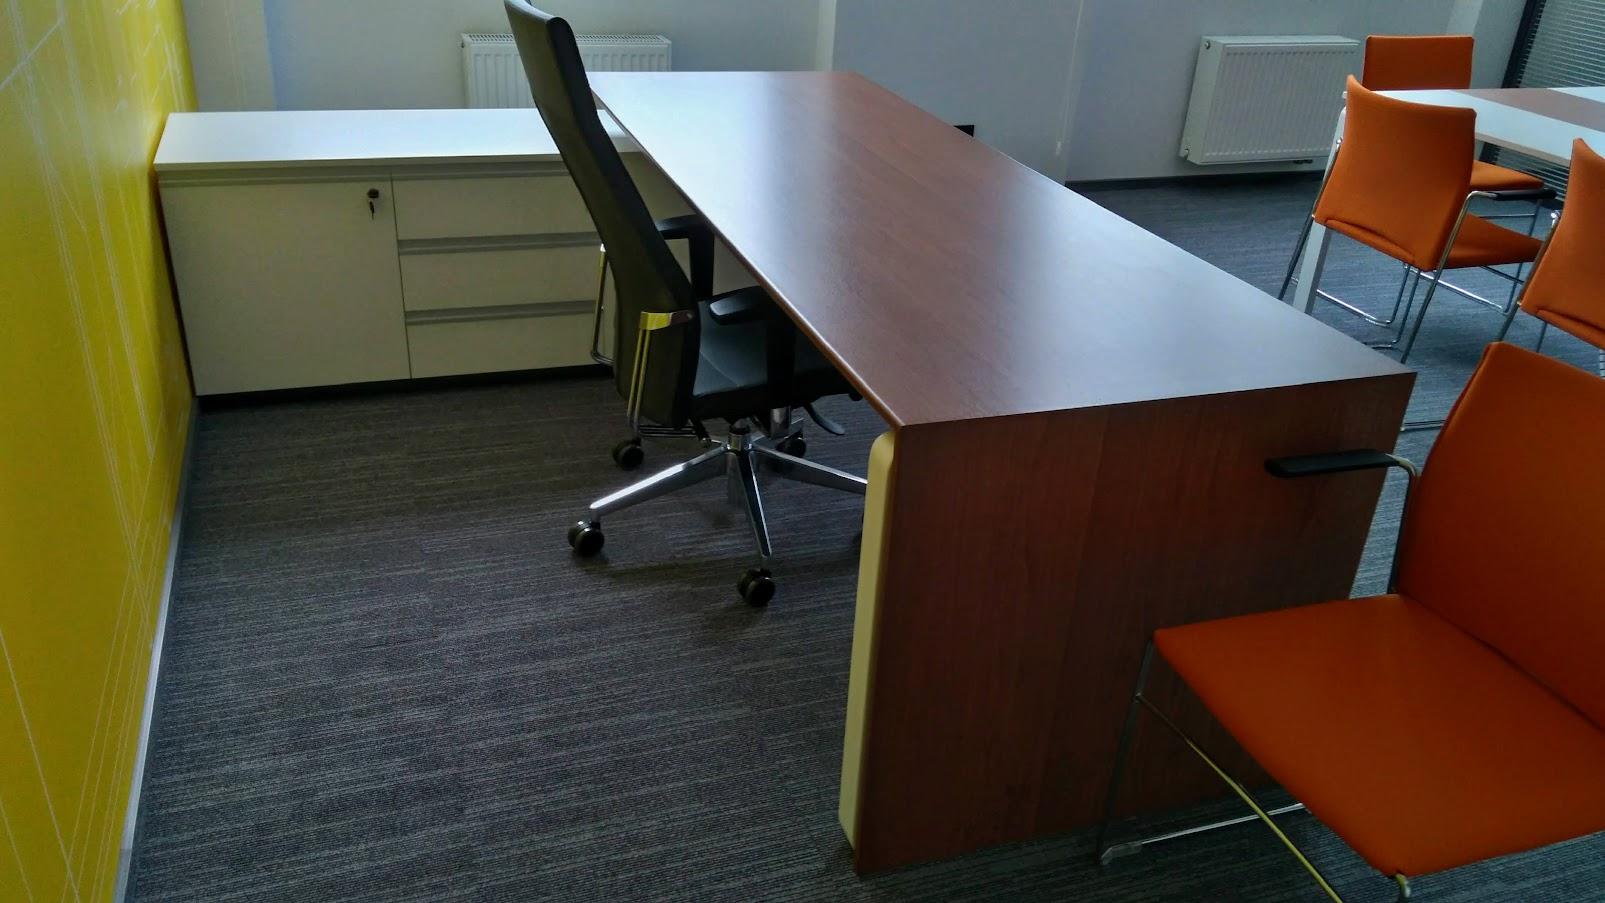 Стол руководителя - Модульная офисная мебель, Металлические каркасы столов, Мебельные опоры ✆ 0679245444